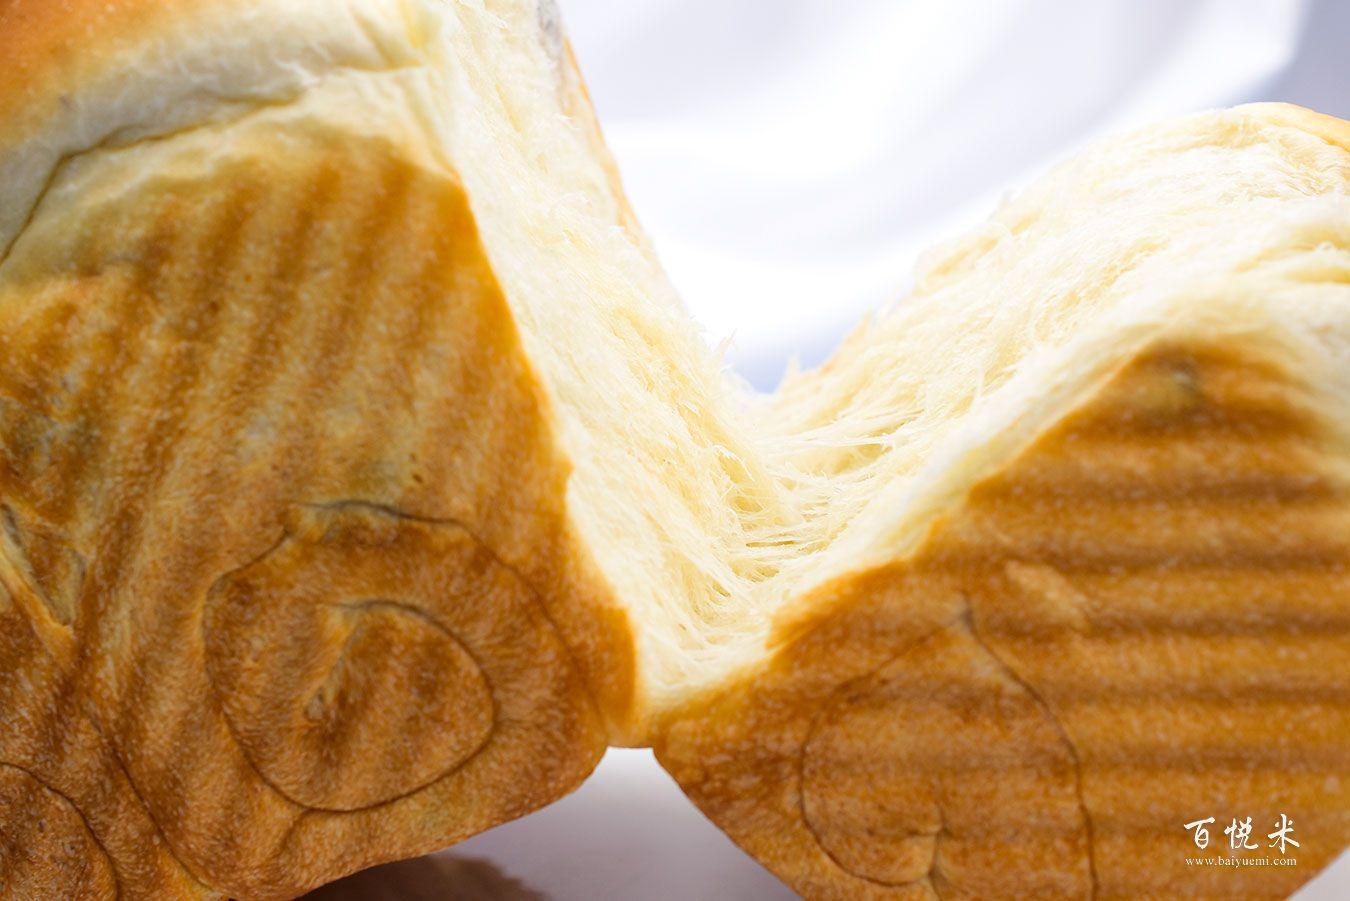 蔓越莓吐司面包高清图片大全【蛋糕图片】_528